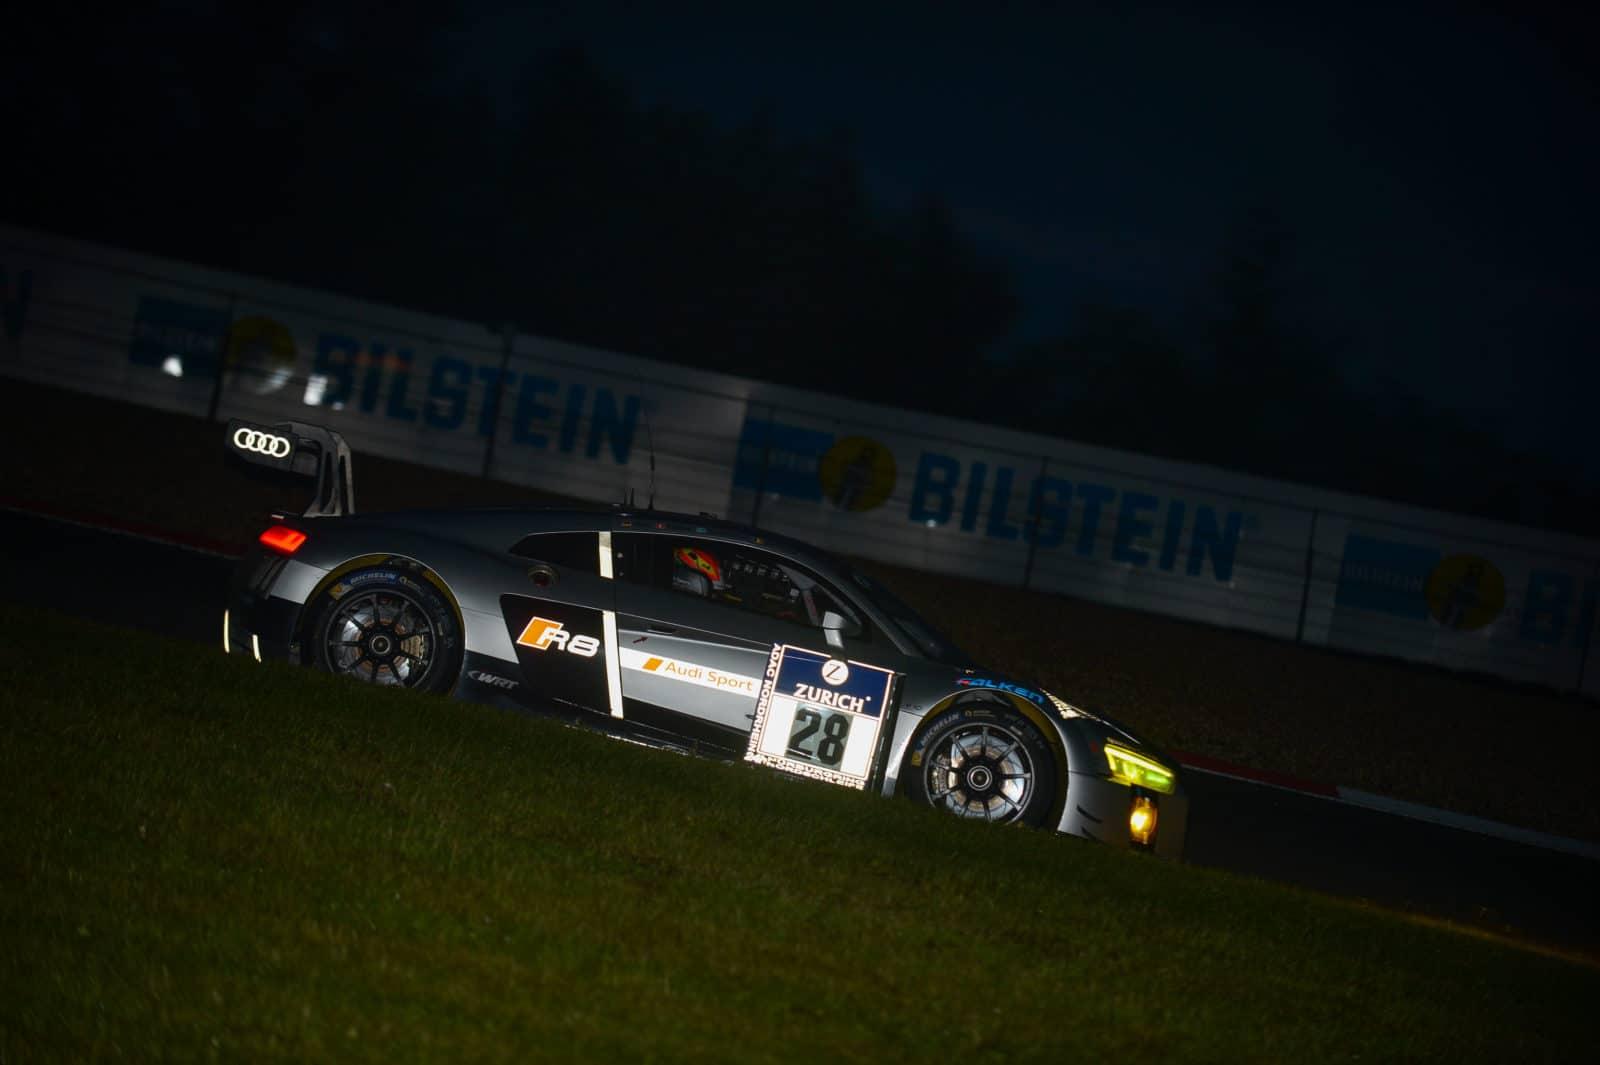 N24 Det Tr 230 Kker Op Til Audi Sejr Racemag